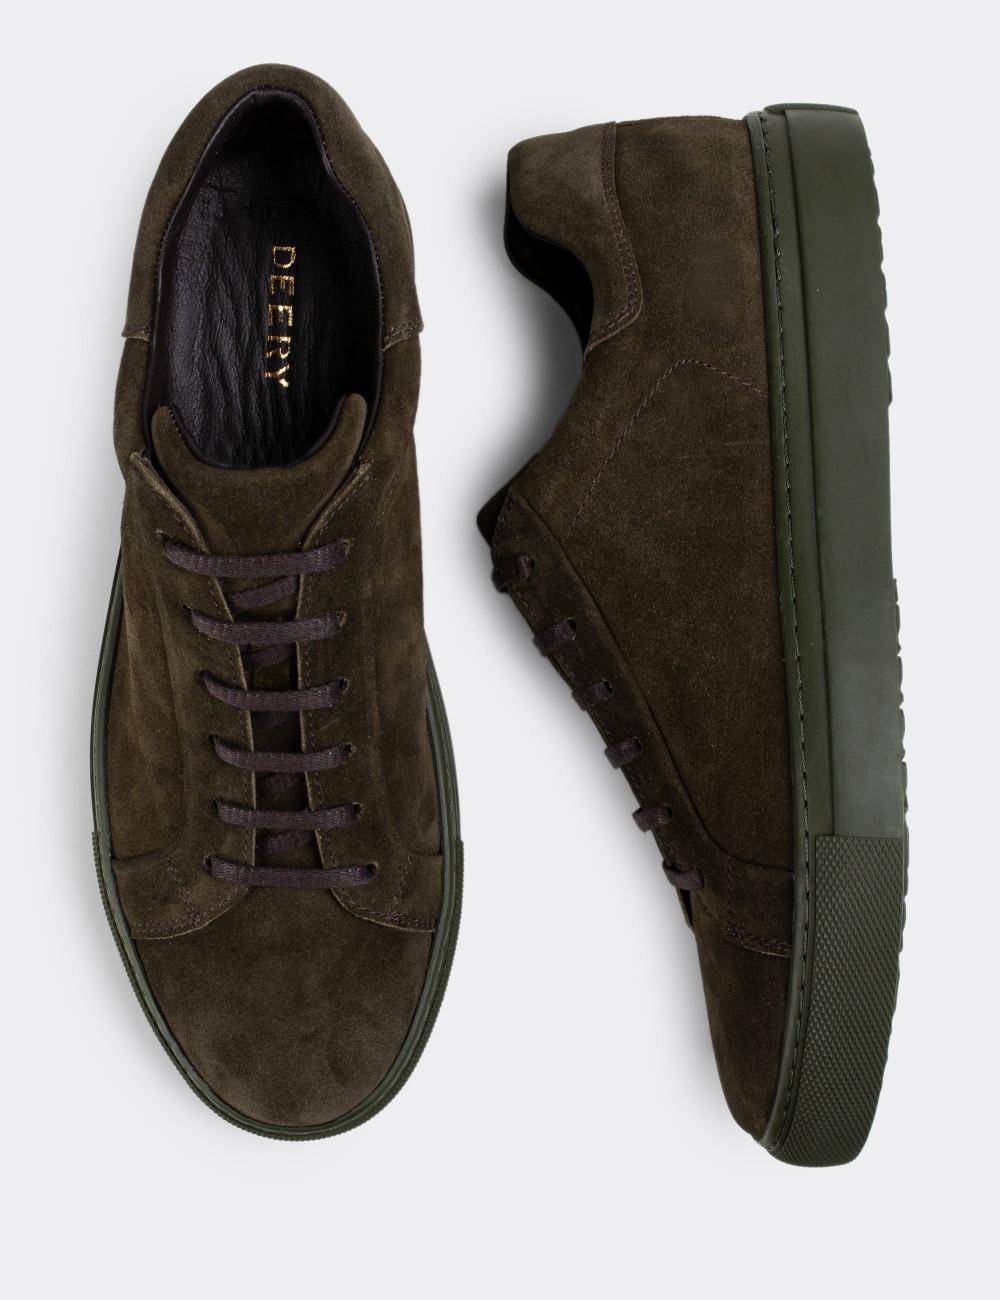 Hakiki Süet Haki Sneaker Erkek Ayakkabı - 01829MHAKC01